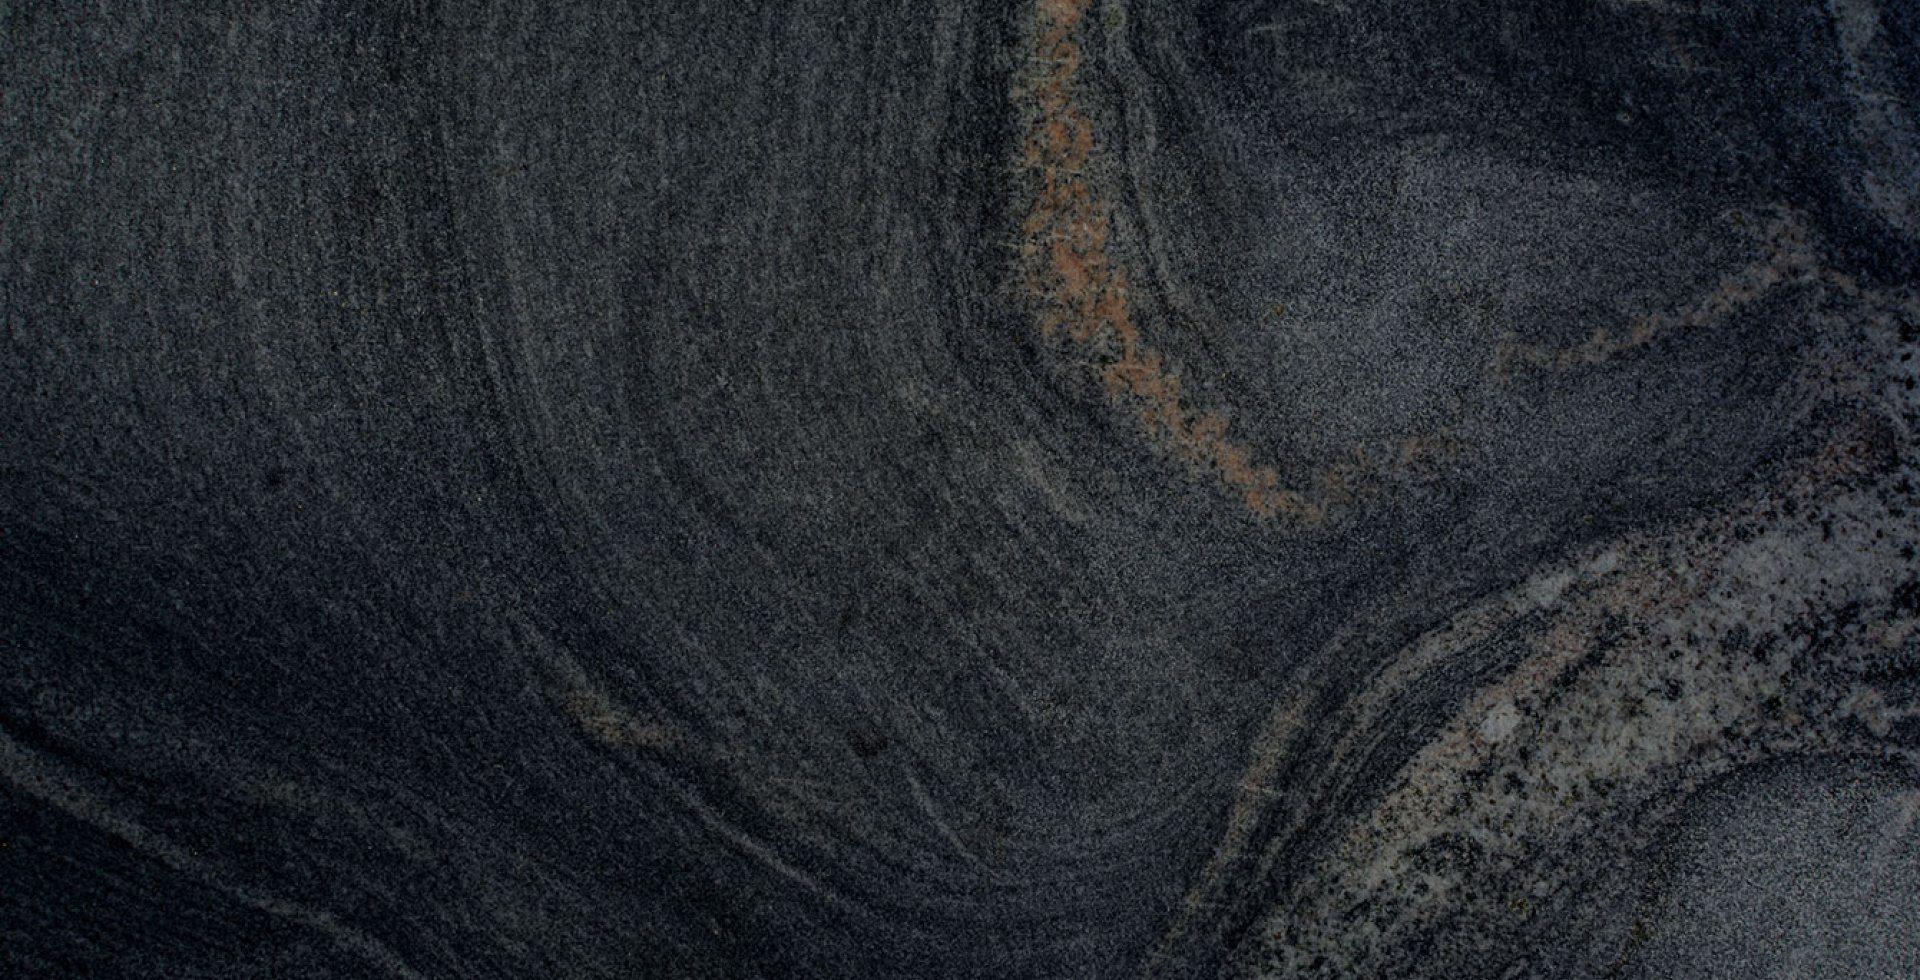 bg1-dark.jpg